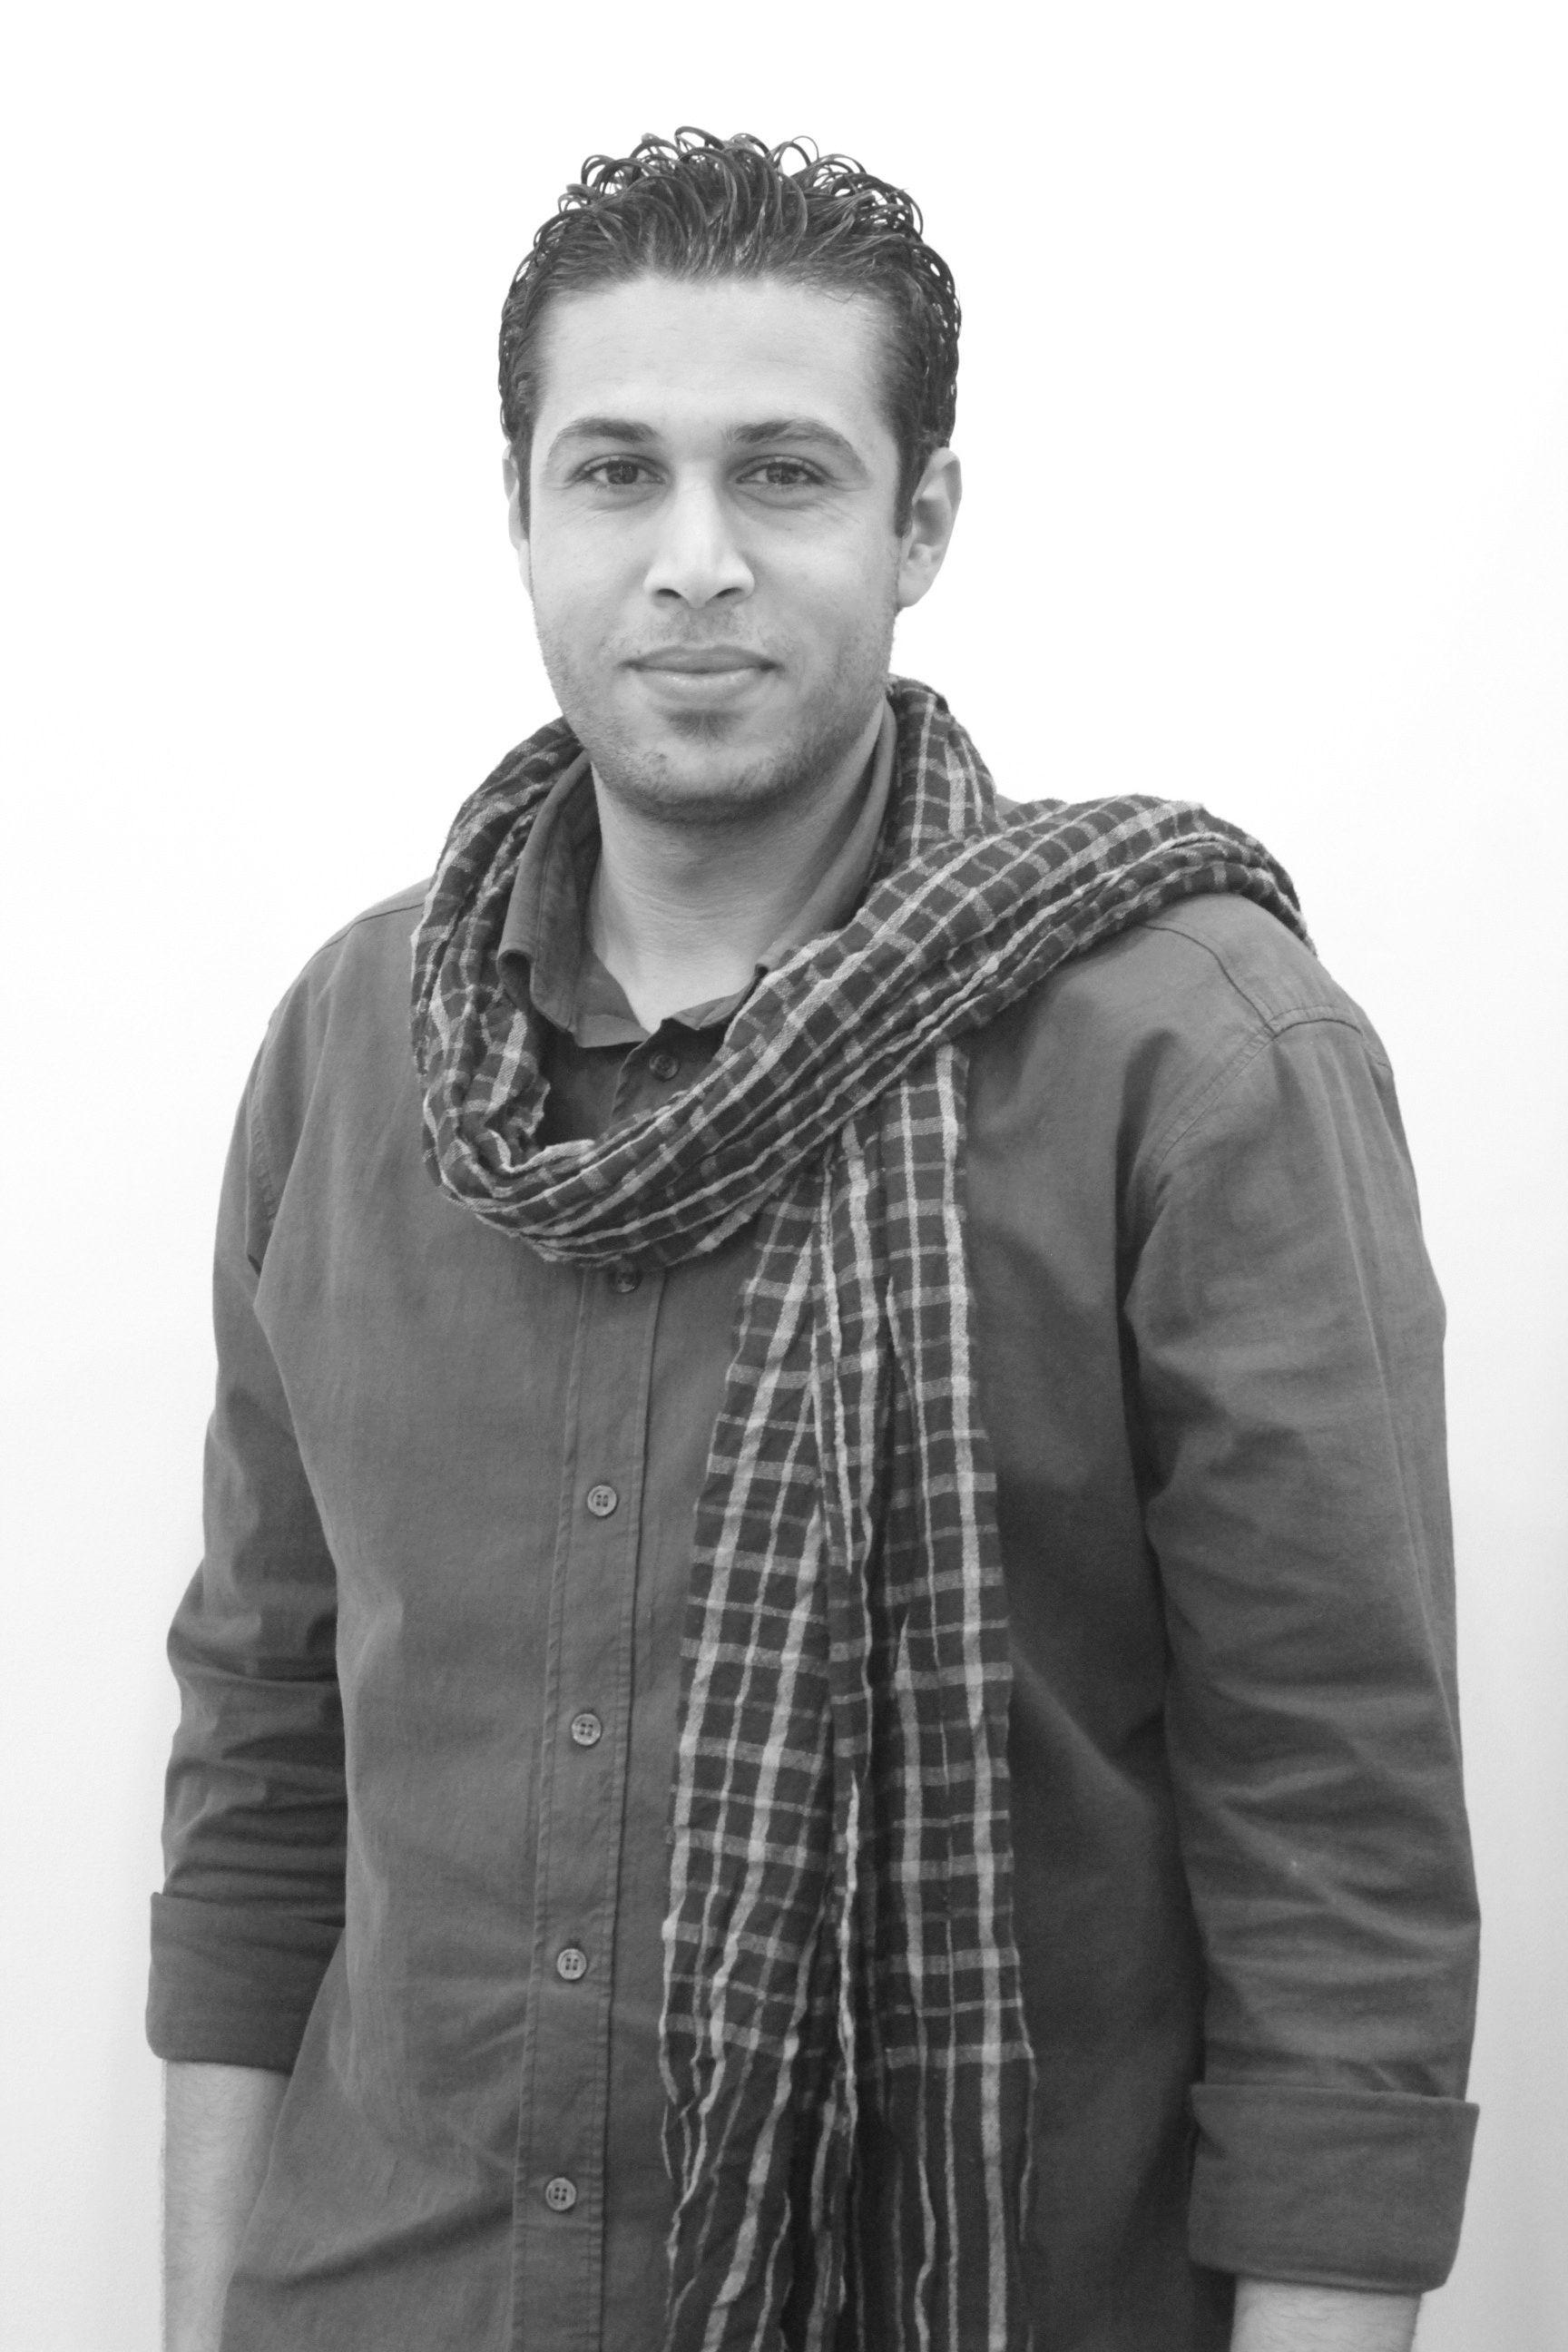 باسم عادل الدكش Headshot